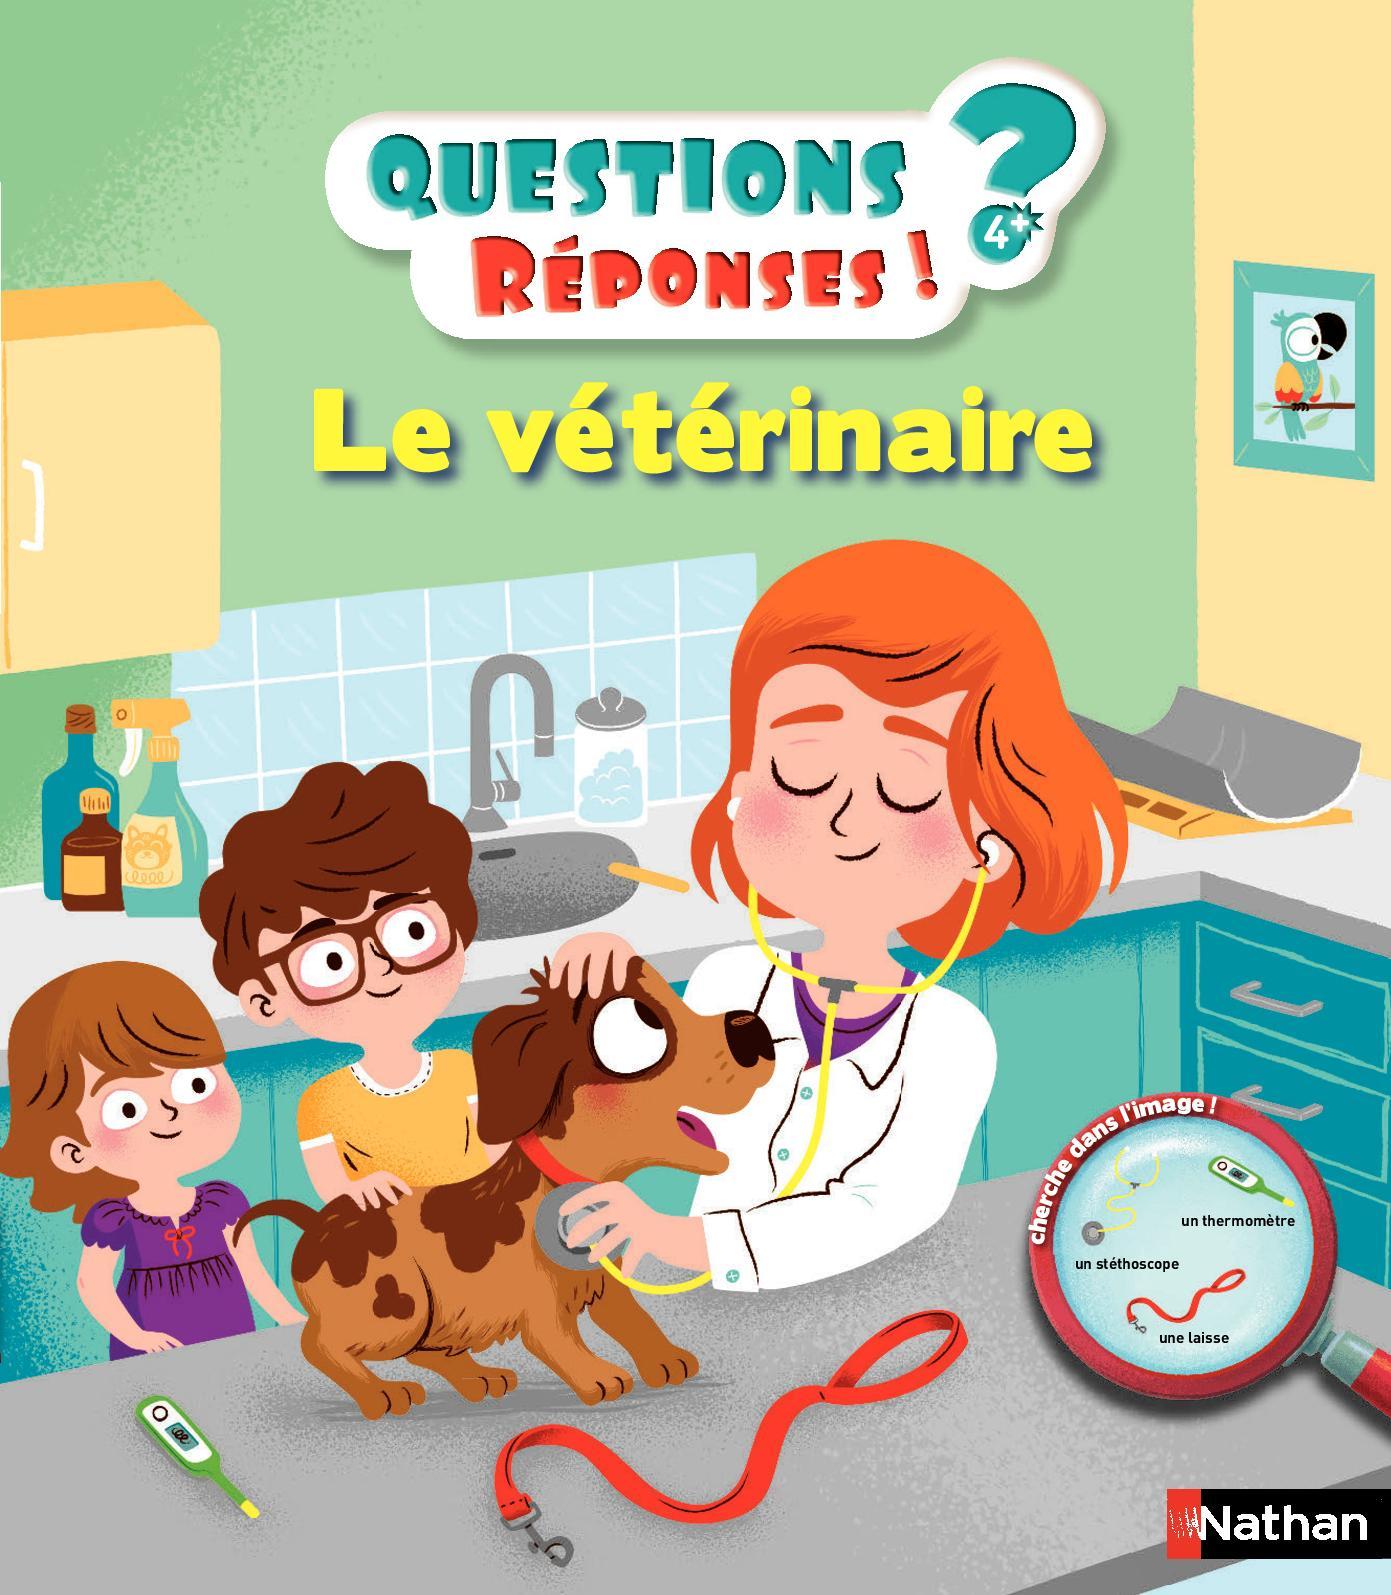 Le vétérinaire - Questions/Réponses - Extrait